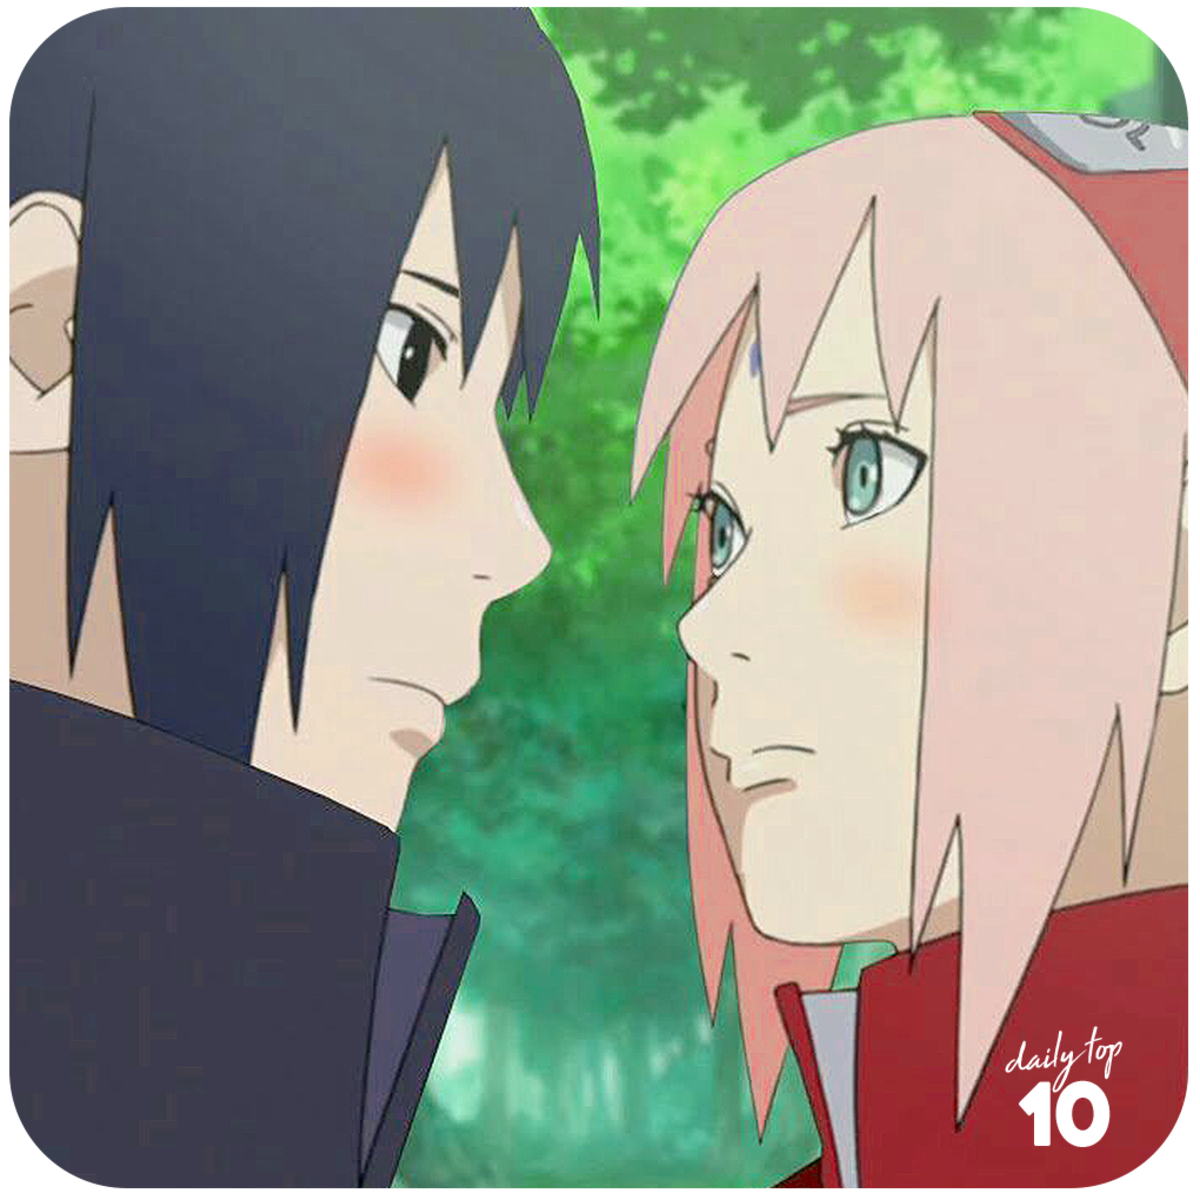 Sasuke and Sakura staring at each other